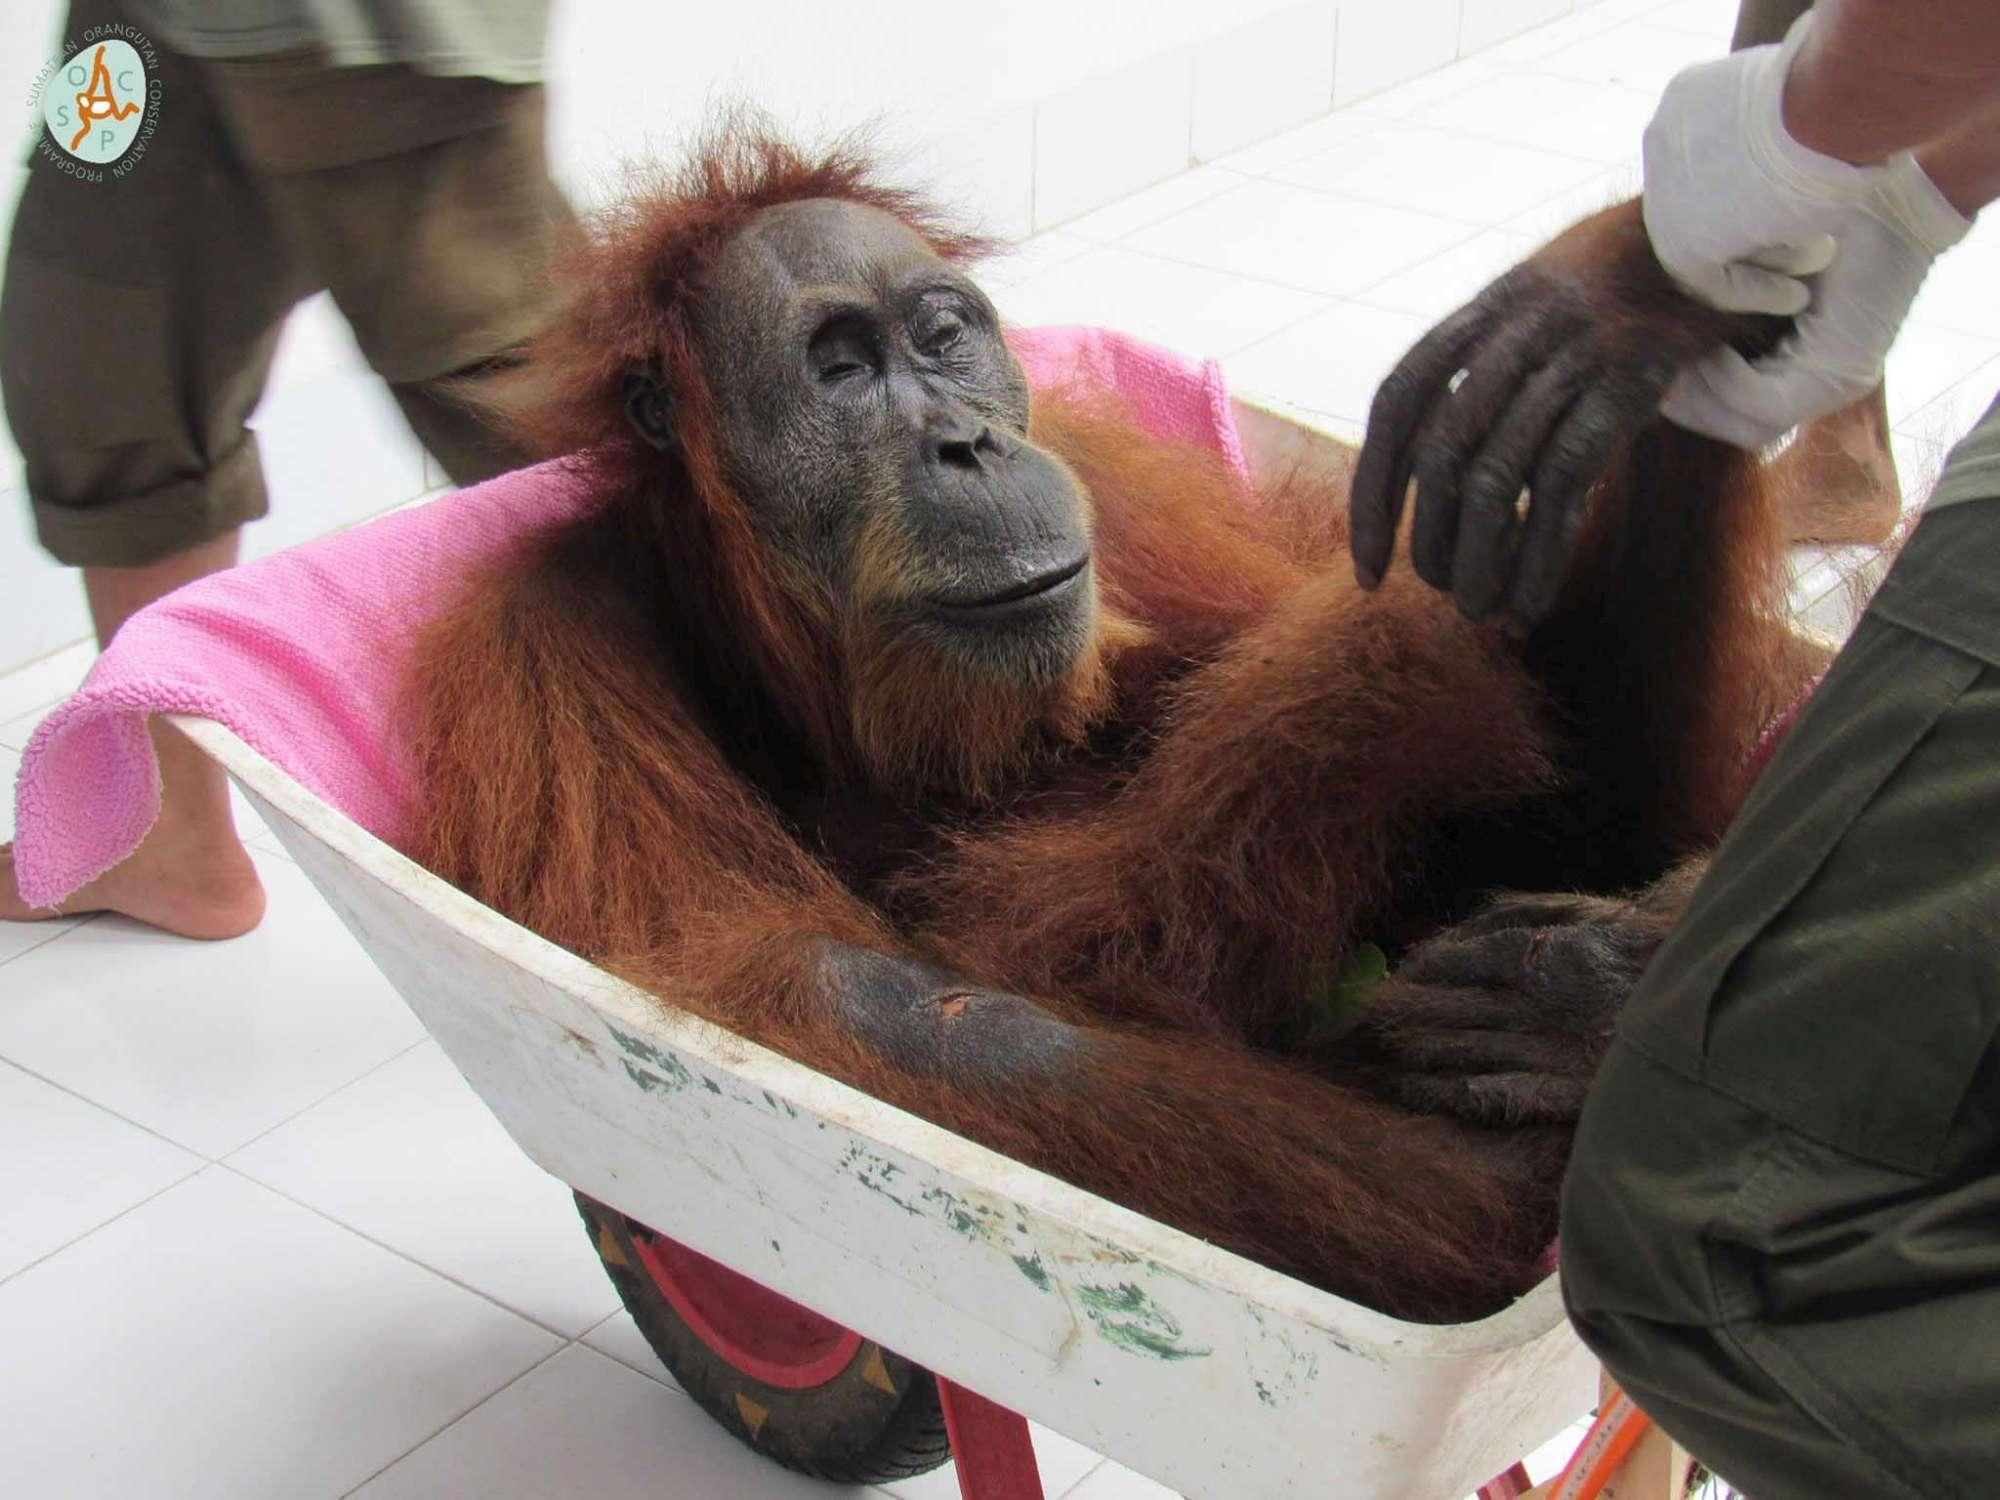 Crivellata di pallini e accecata, ma ce la farà: la storia dell orango simbolo della lotta all olio di palma